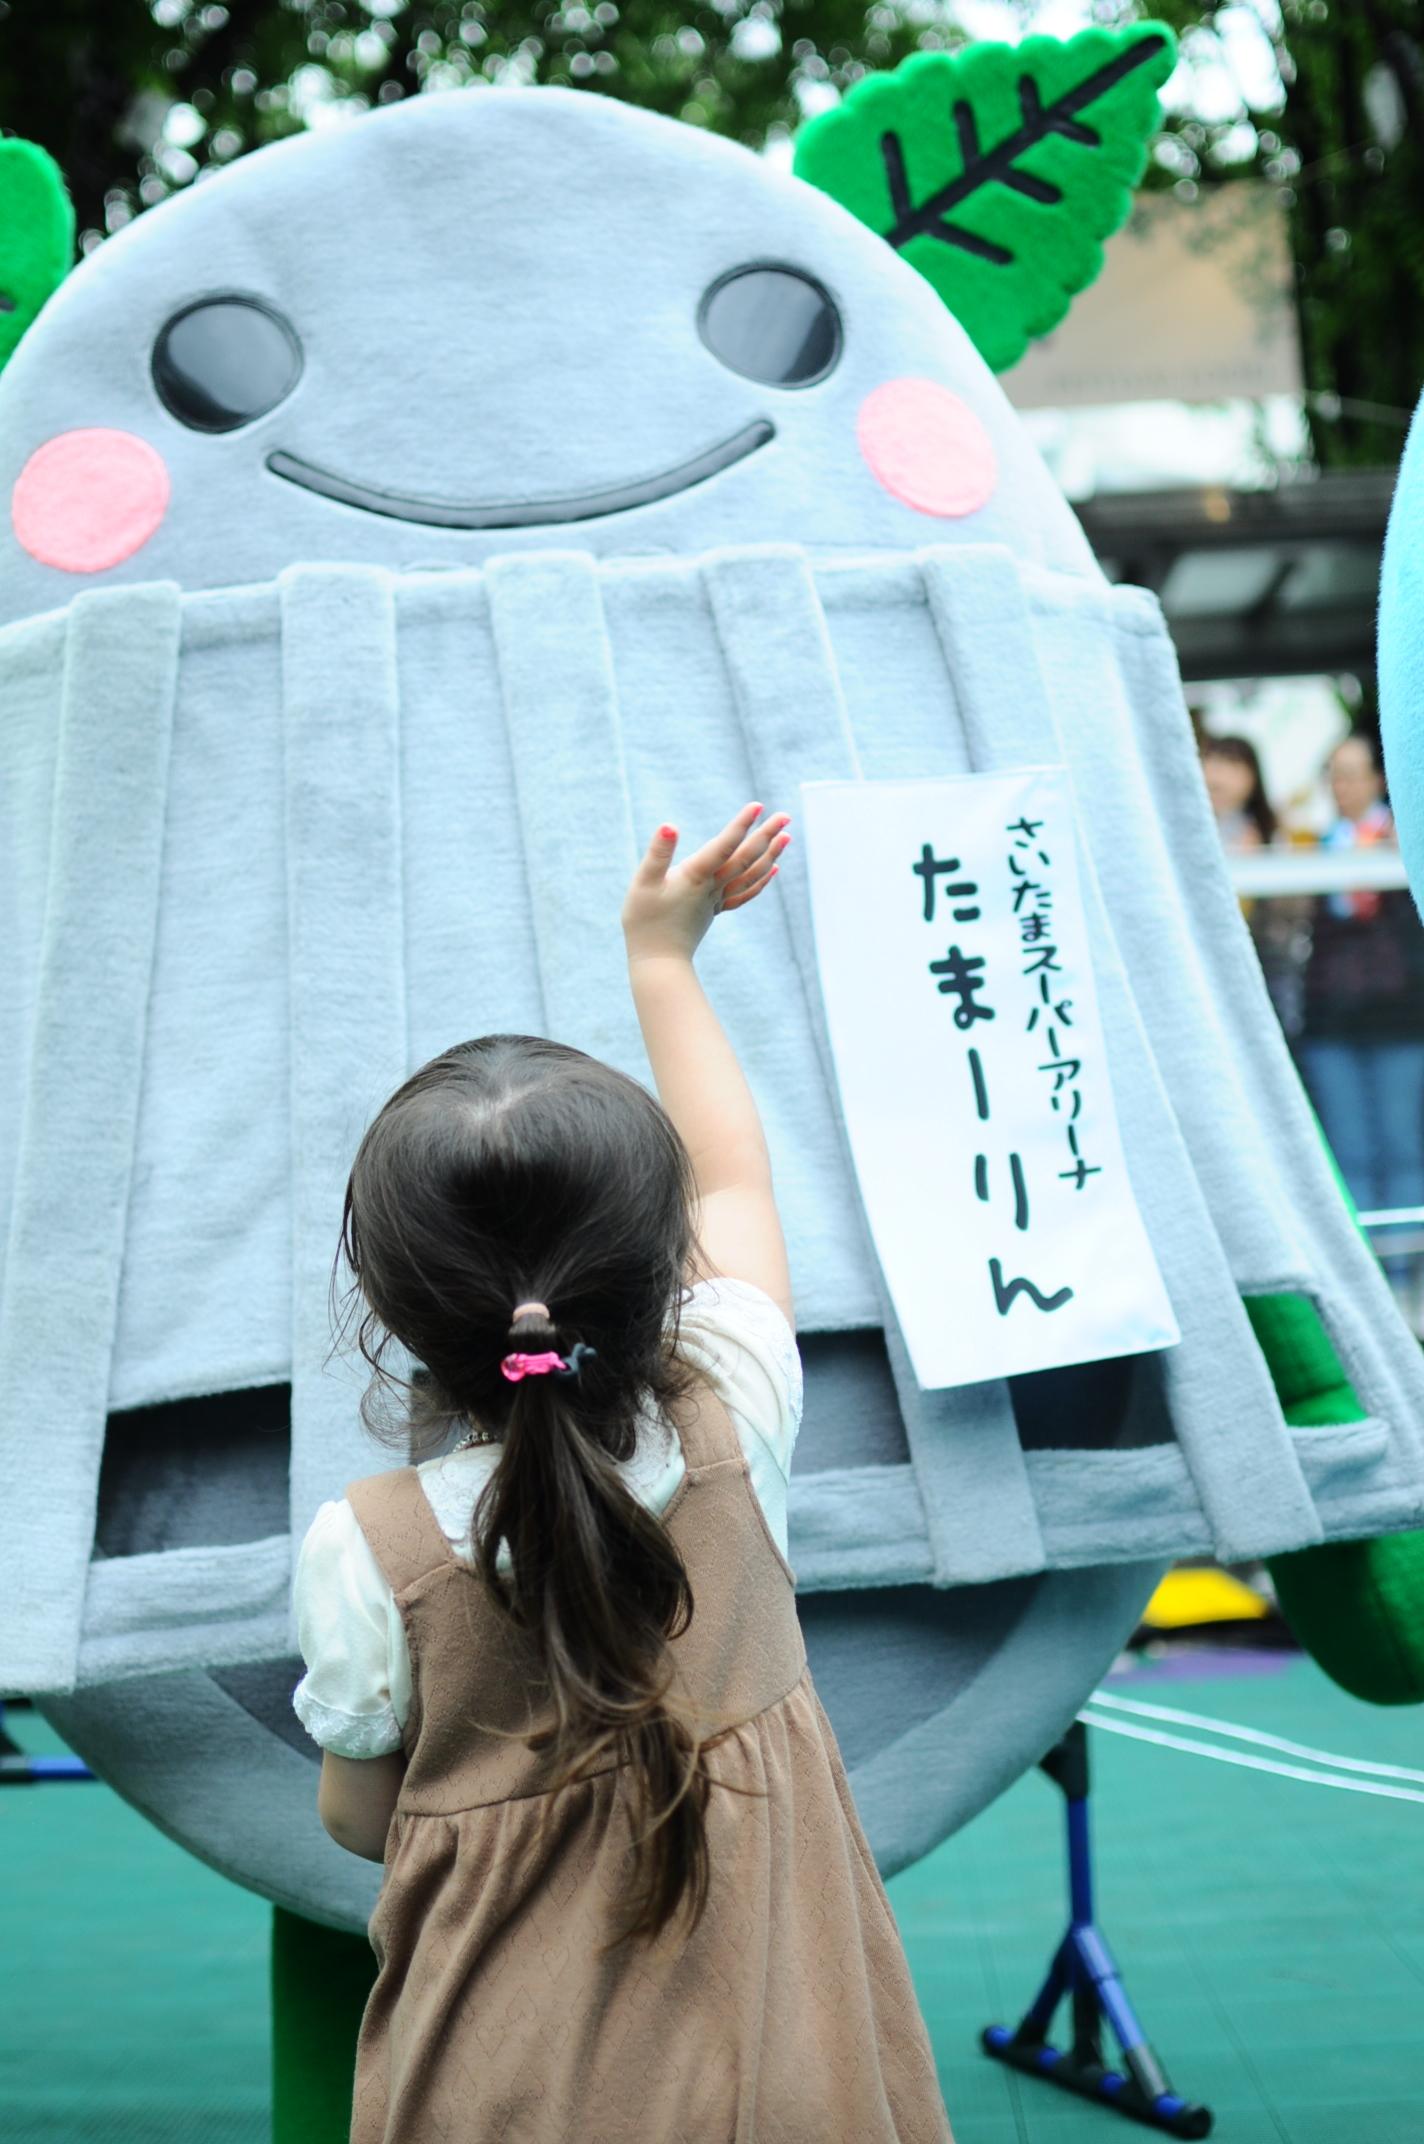 ゆるキャラショー Photo by Taiyo Kazama